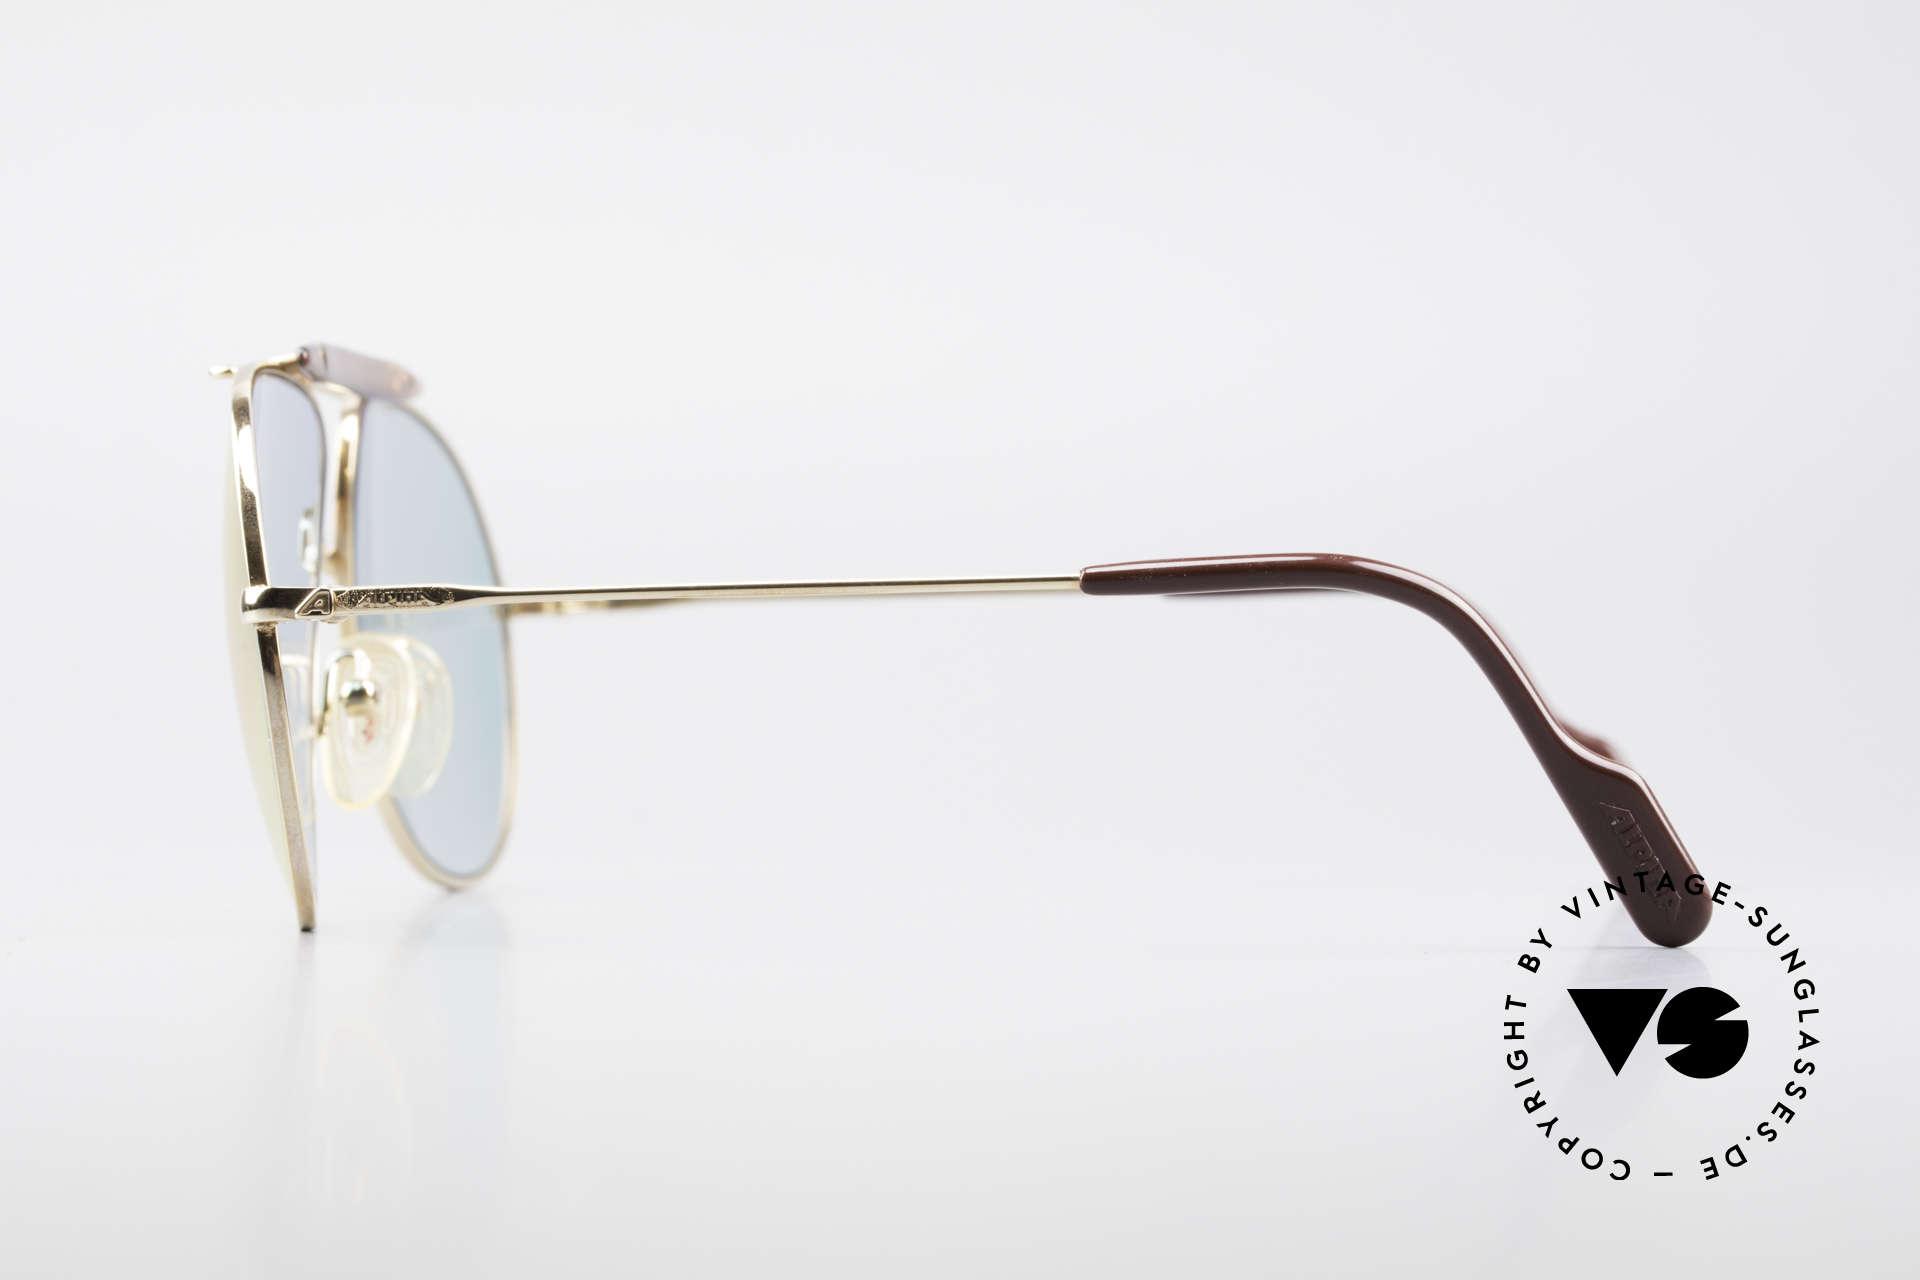 Alpina PC73 ProCar Serie Sonnenbrille Men, vergoldete Fassung in Größe 59/14; mit Etui von Chanel, Passend für Herren und Damen